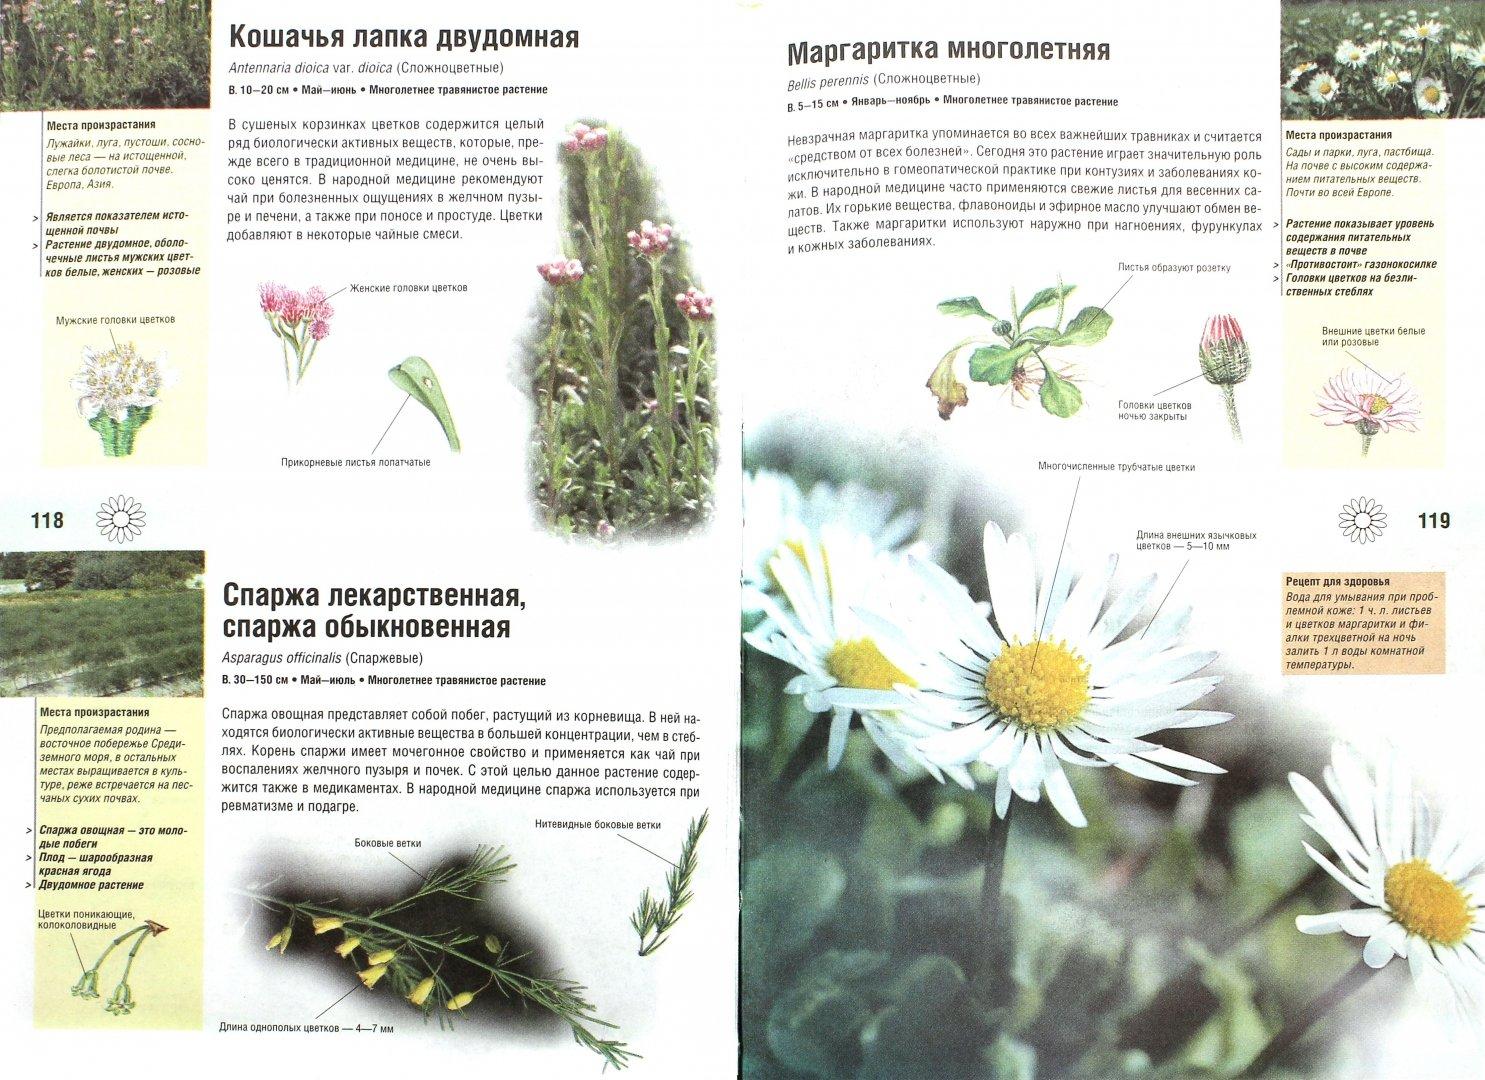 травник лекарственные растения картинки исправления коснулись